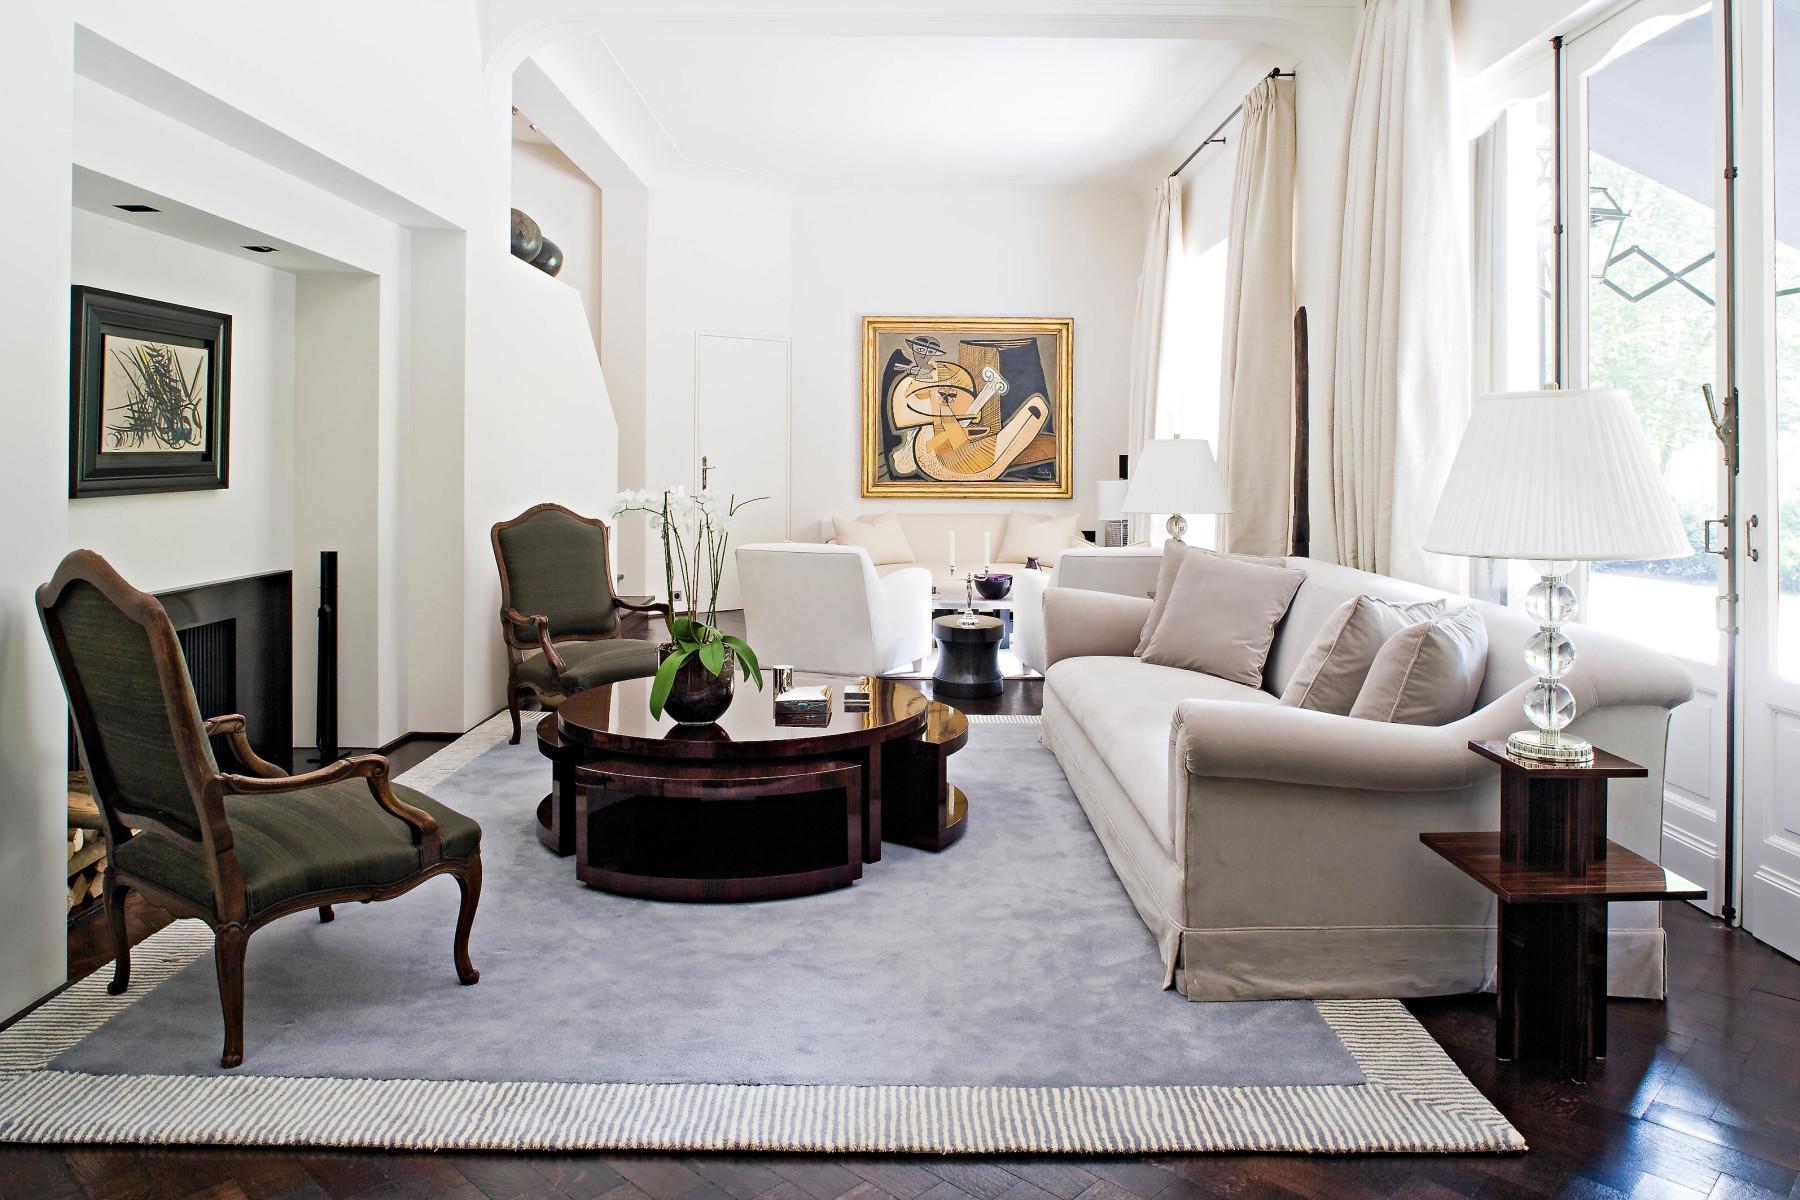 Wohnideen Callwey best of 500 zeitlose wohnideen interior design callwey